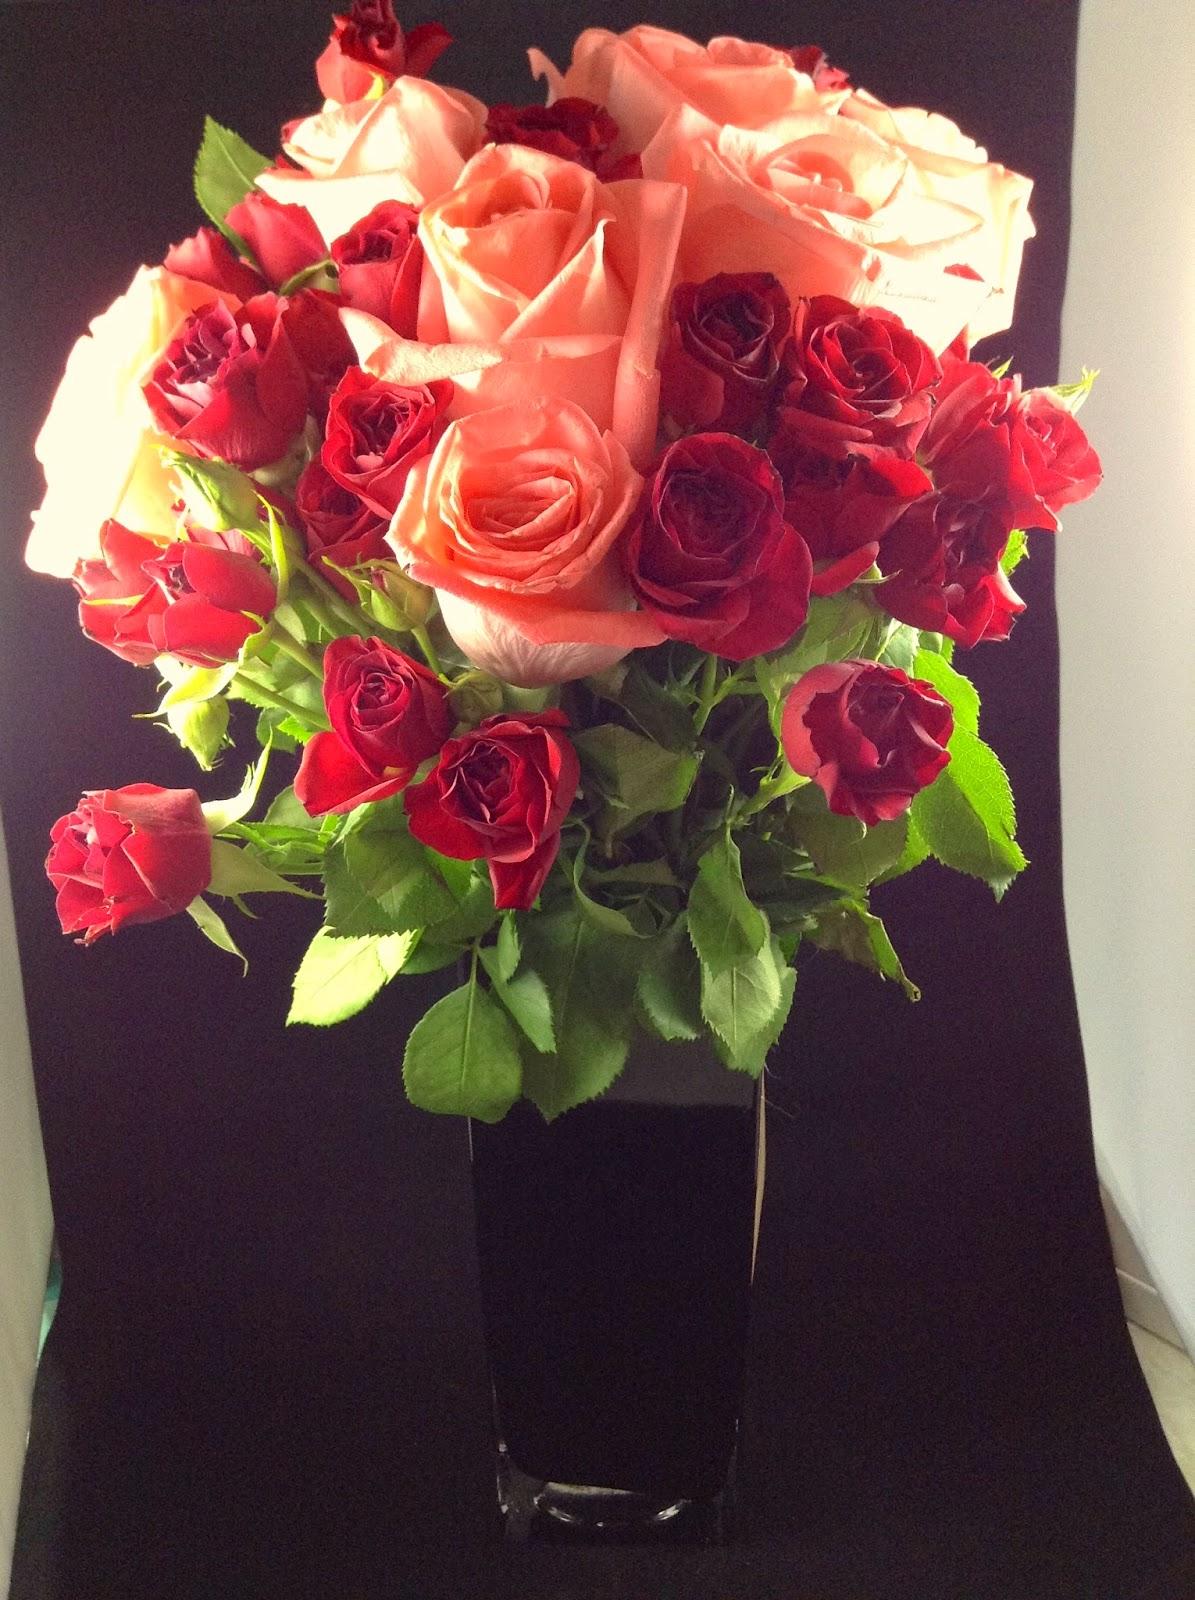 >> 2015 母親節送禮精選*Gift Flowers HK 母親節花束+乾花盒 DIY